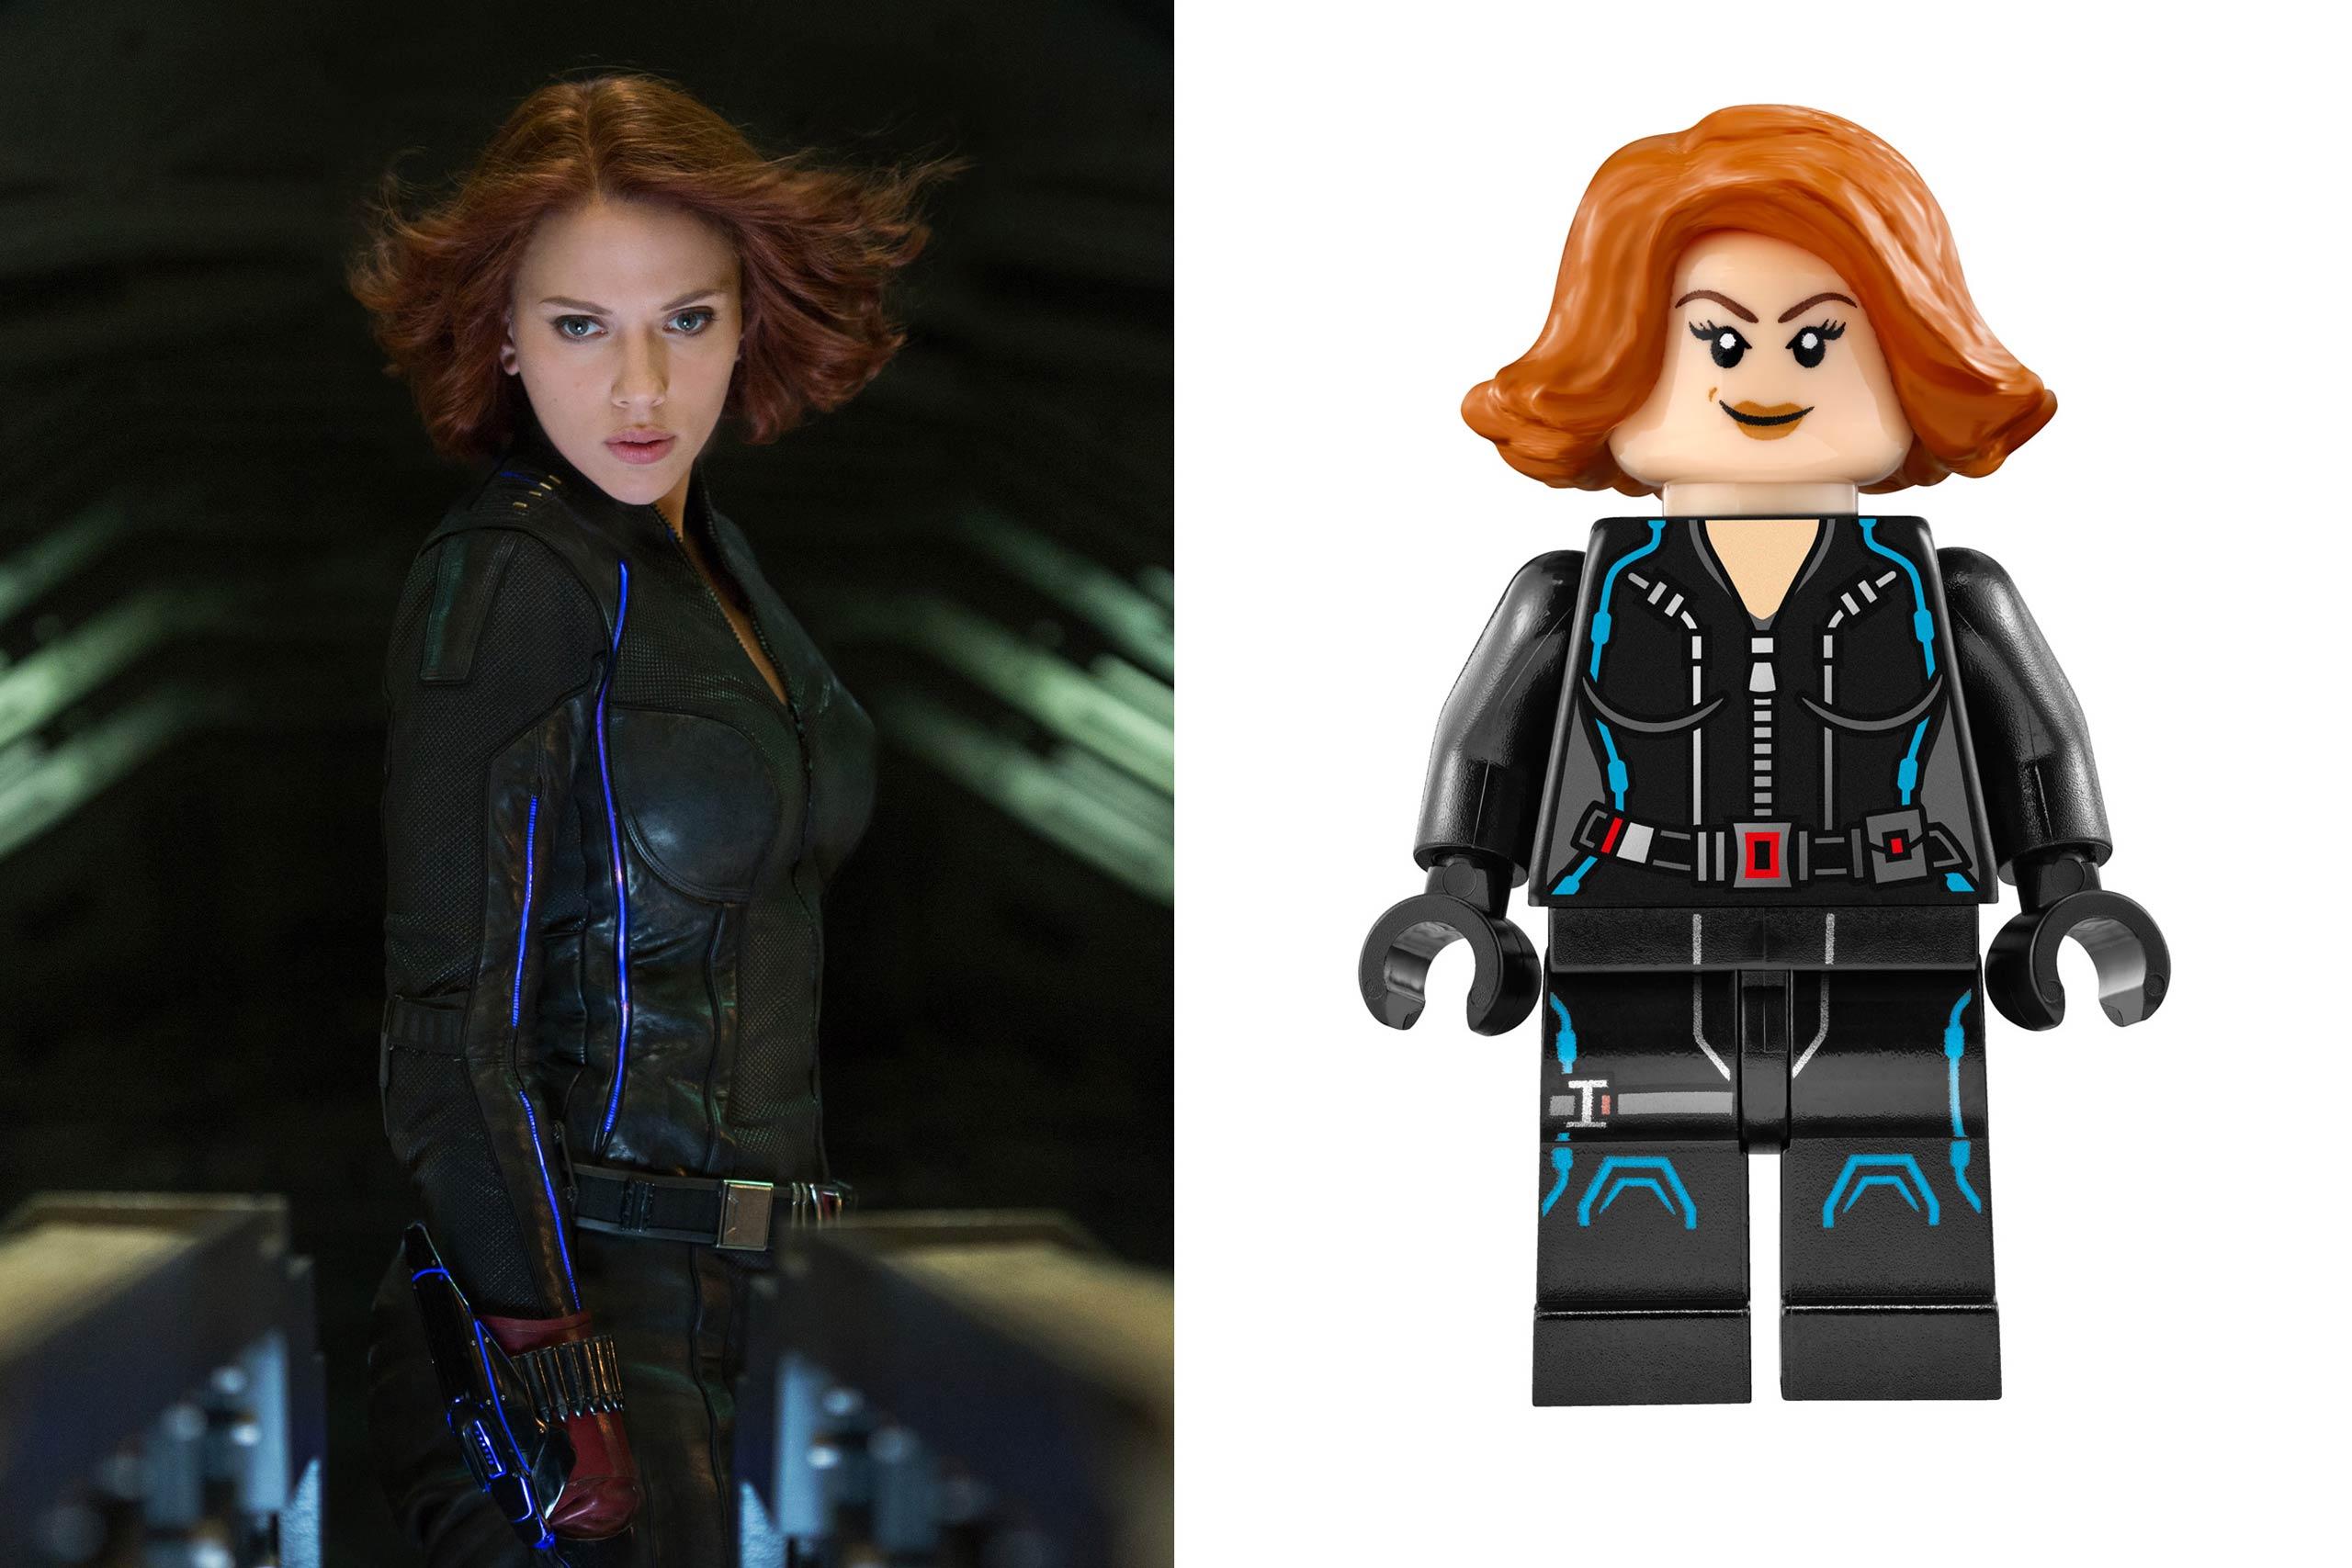 <strong>Scarlett Johansson: Black Widow</strong>